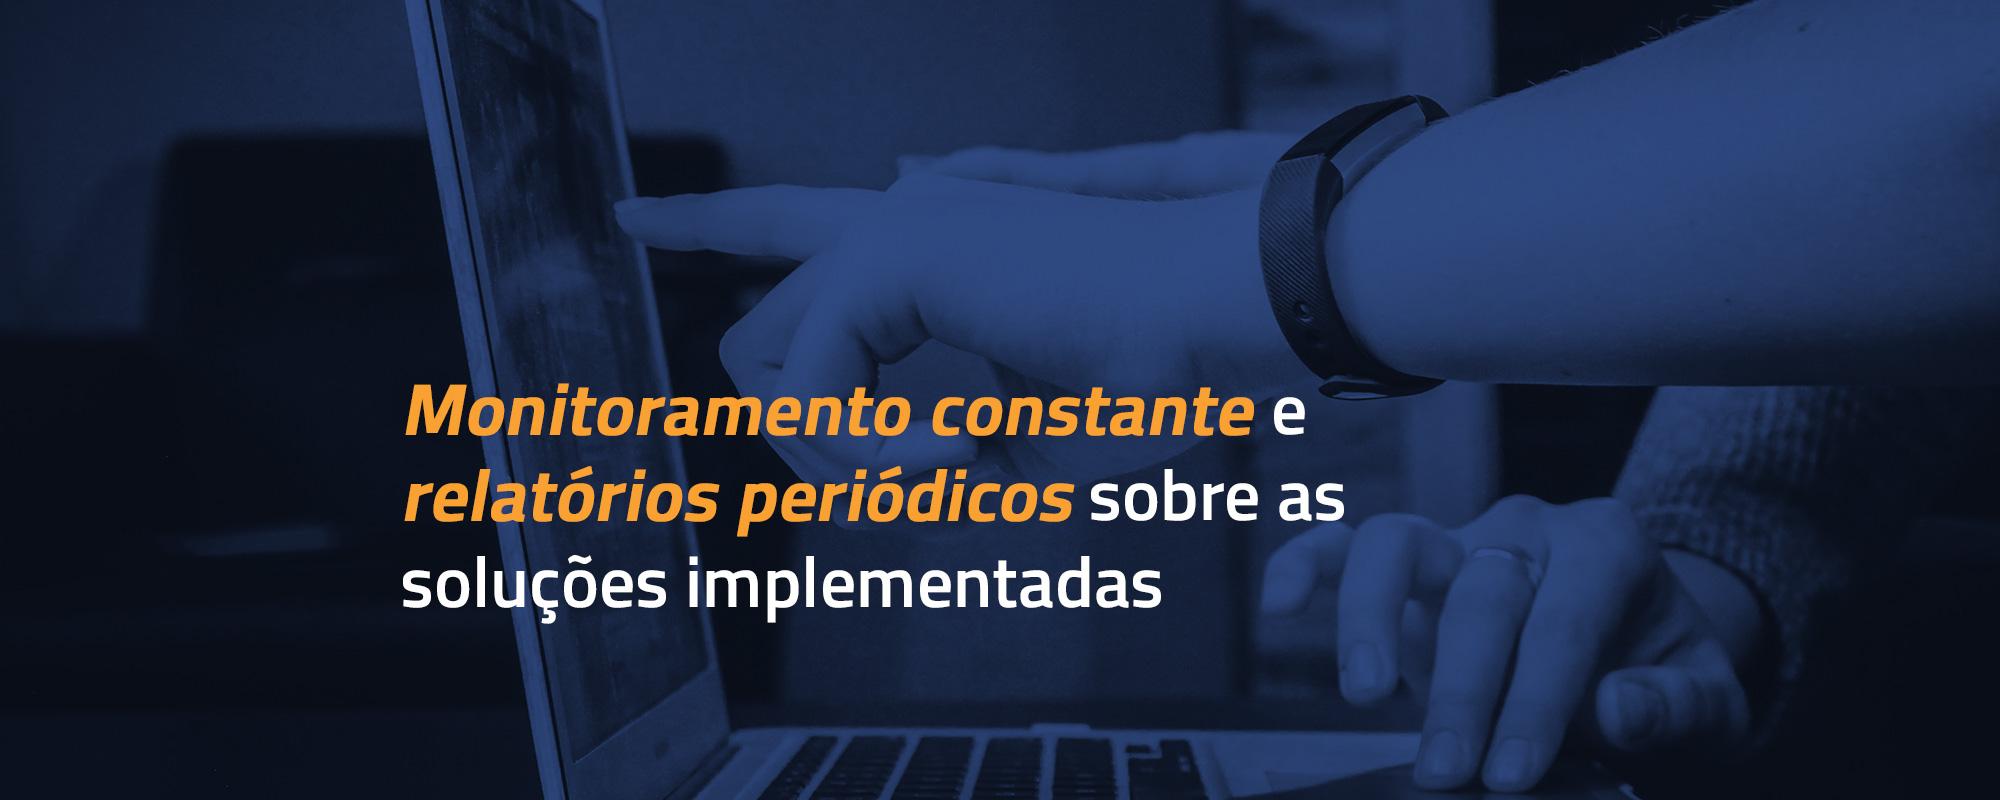 Inovar Telecom